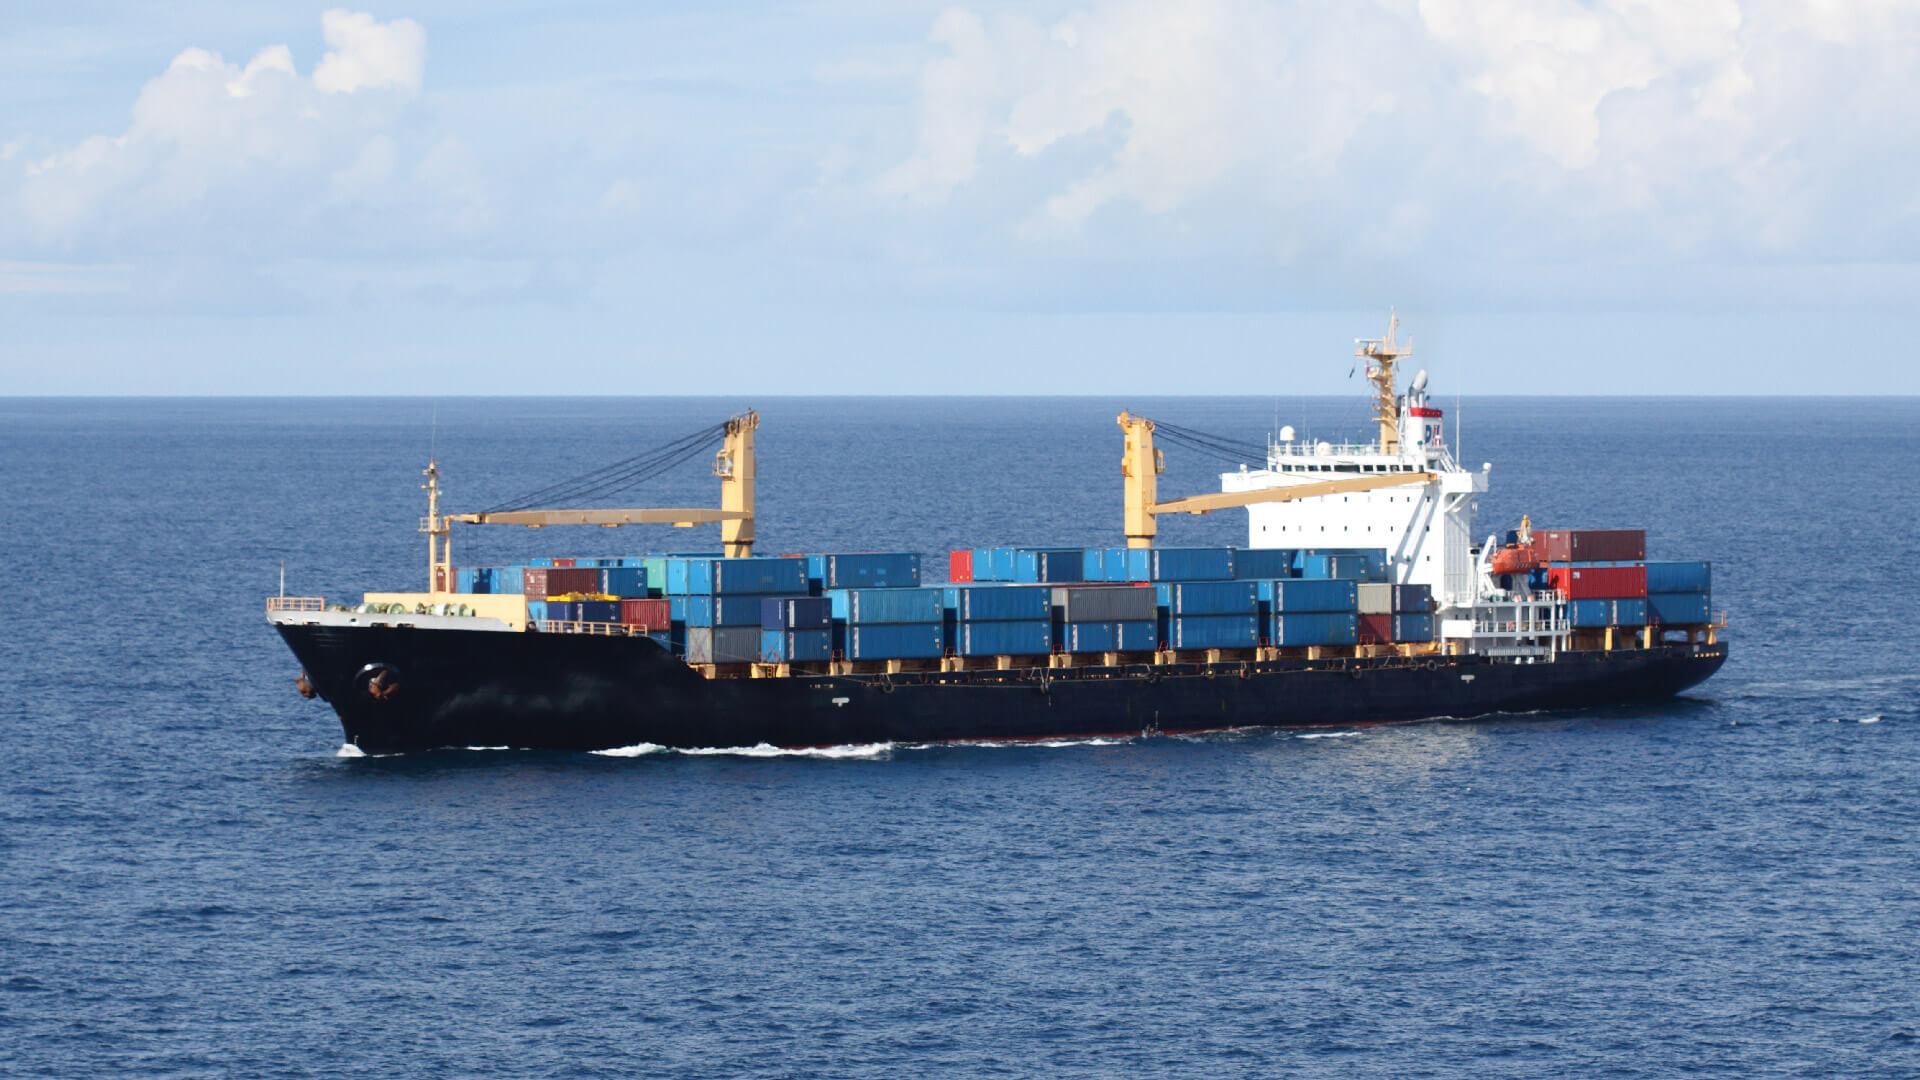 Le vecchie navi da crociera non ottimizzano i consumi e inquinano molto